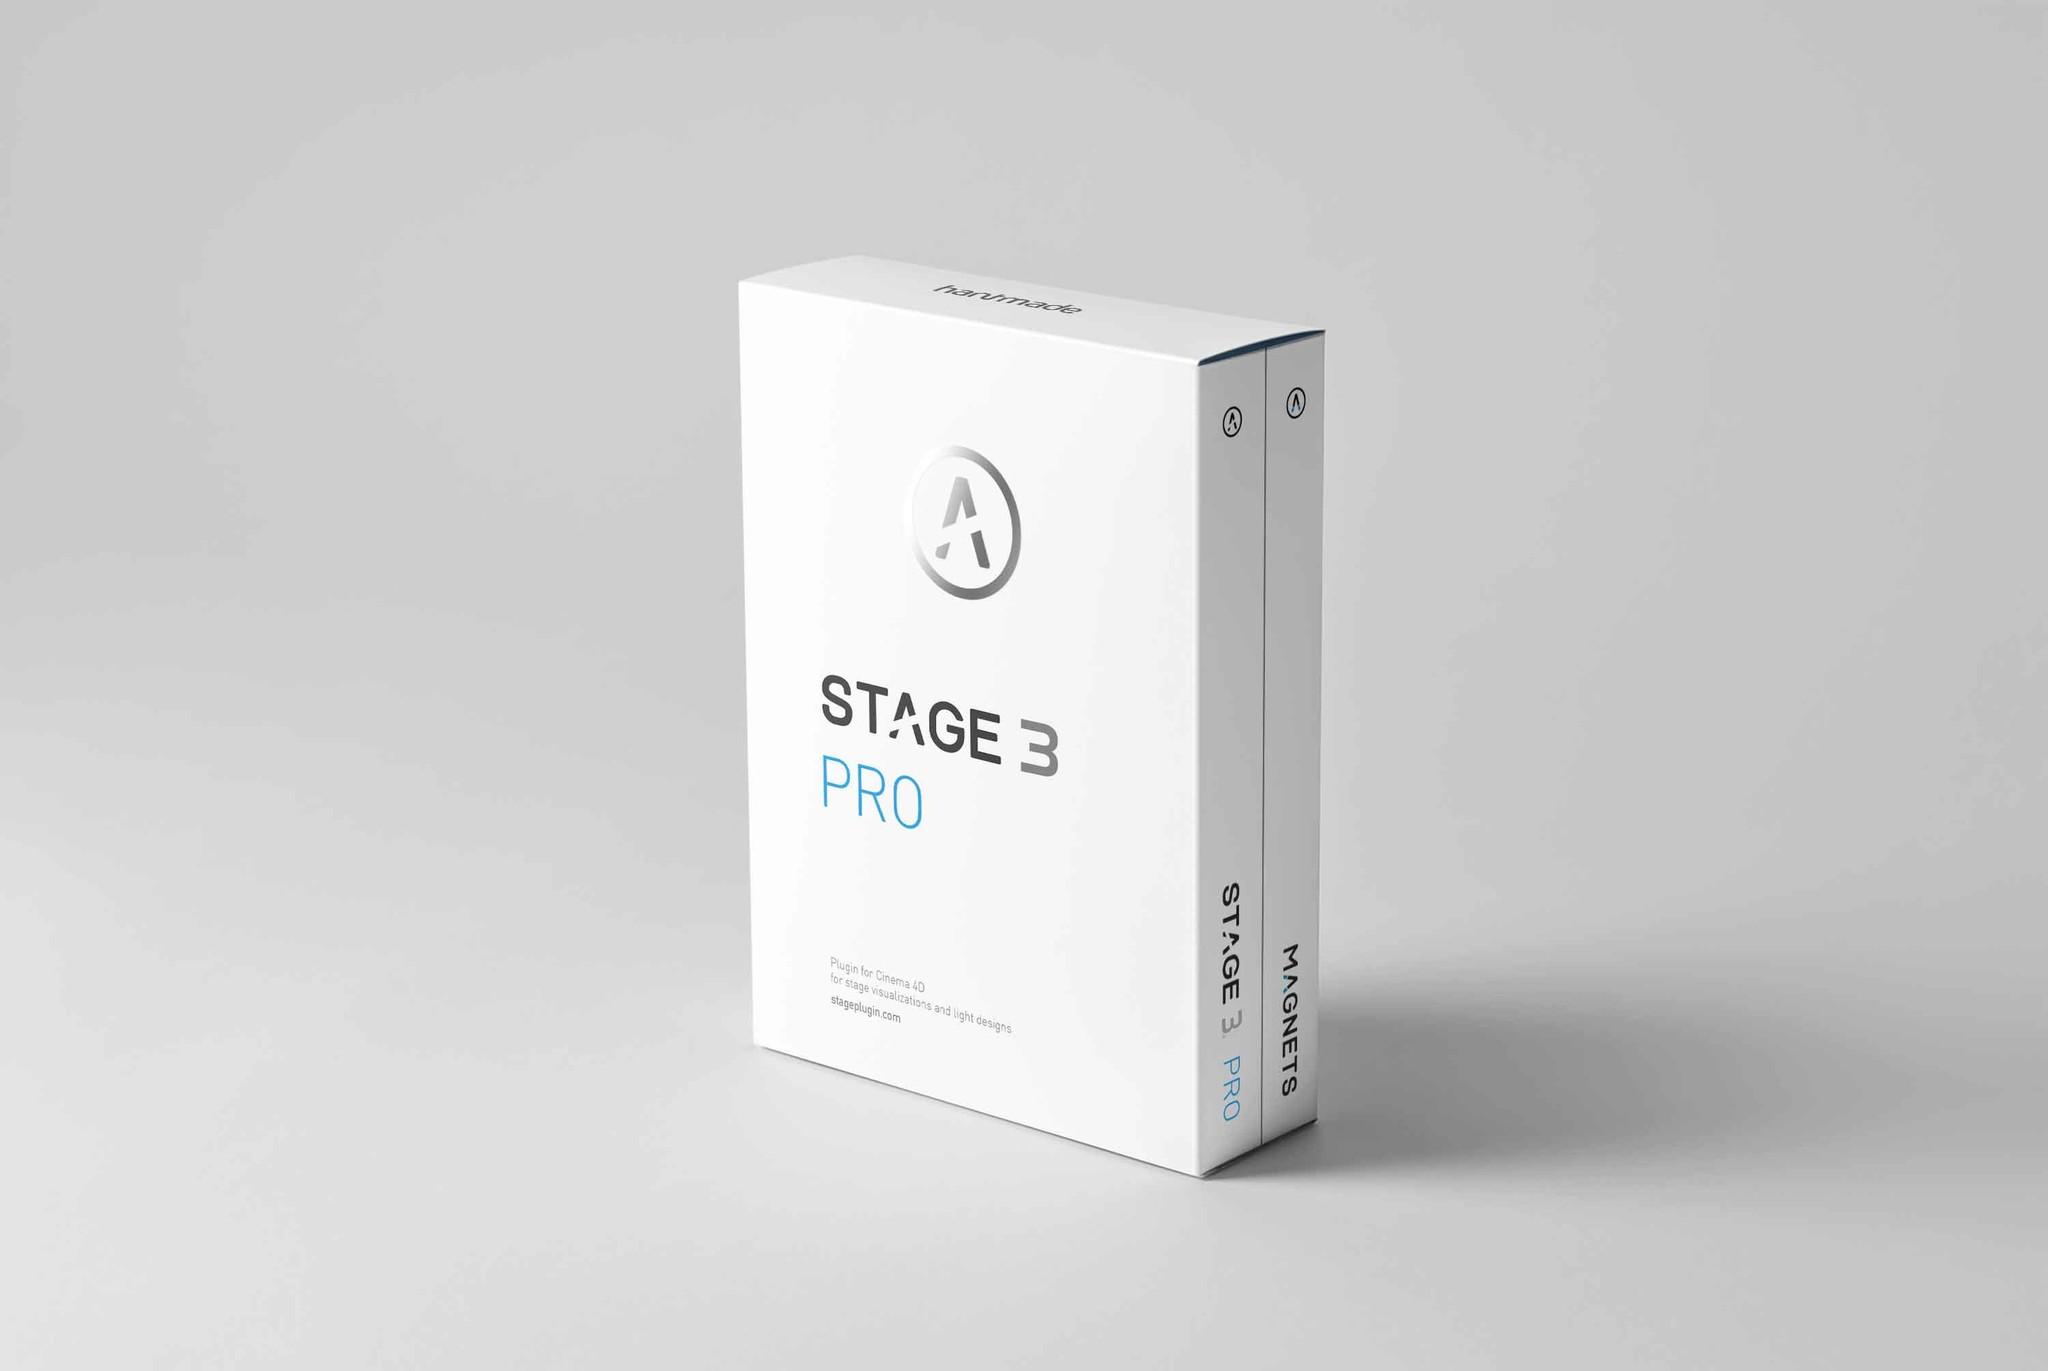 Stage 3 Pro - Cinema 4D Plugin